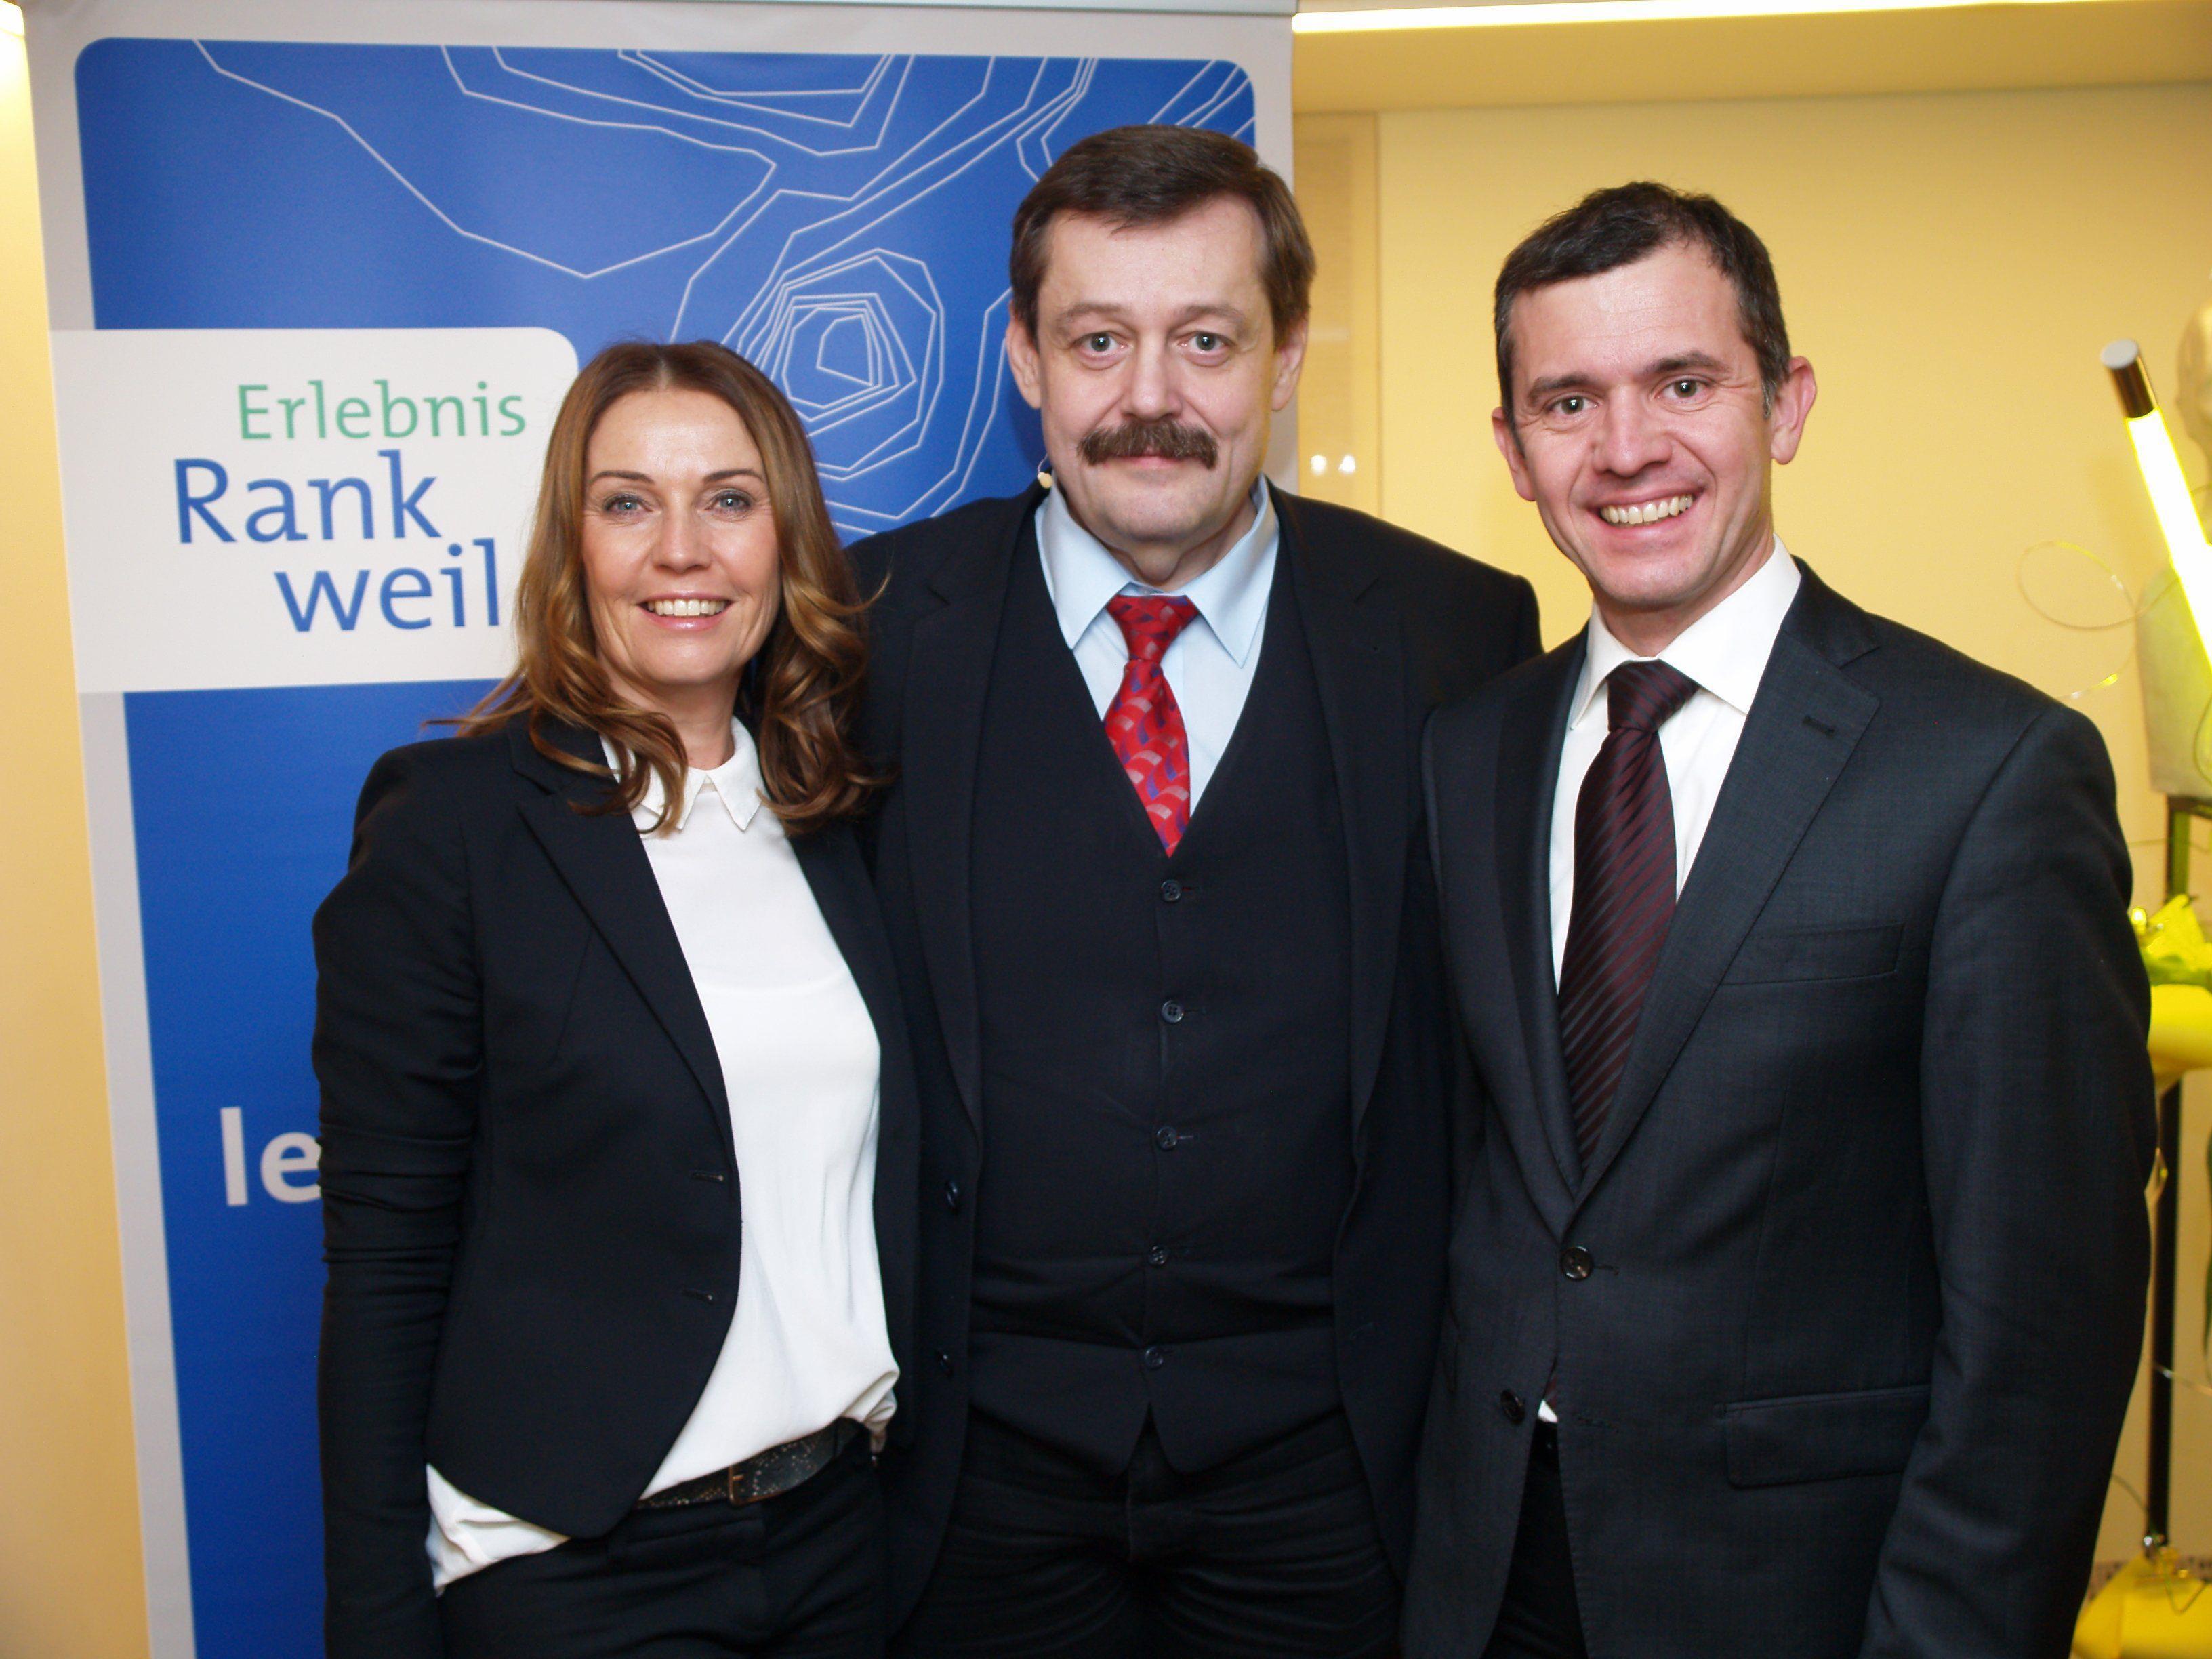 Experimentalphysiker Werner Gruber mit Bürgermeister Martin Summer und Carolin Frei, vom Erlebnis Rankweil Gemeindemarketing beim Wirtschaftsabend